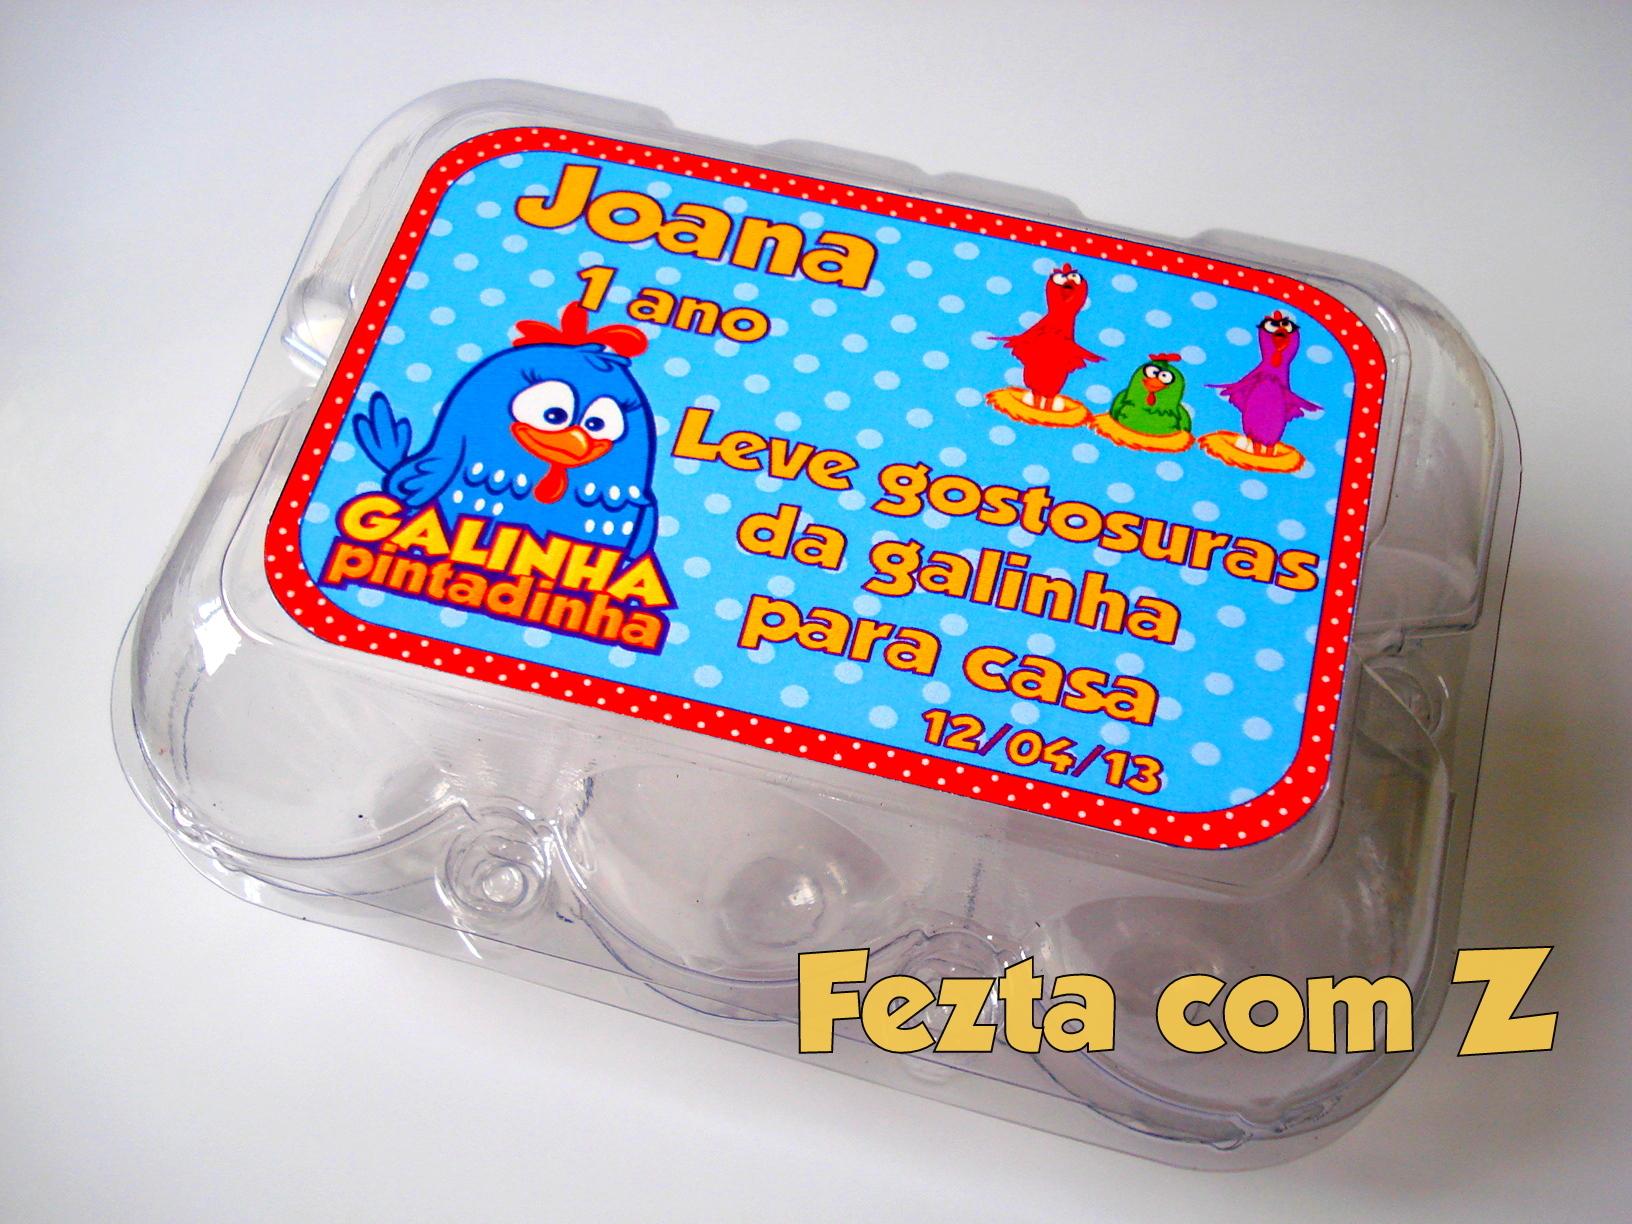 Aparador Espelhado ~ Caixa de ovos personalizada Luana Tavares atelier Elo7